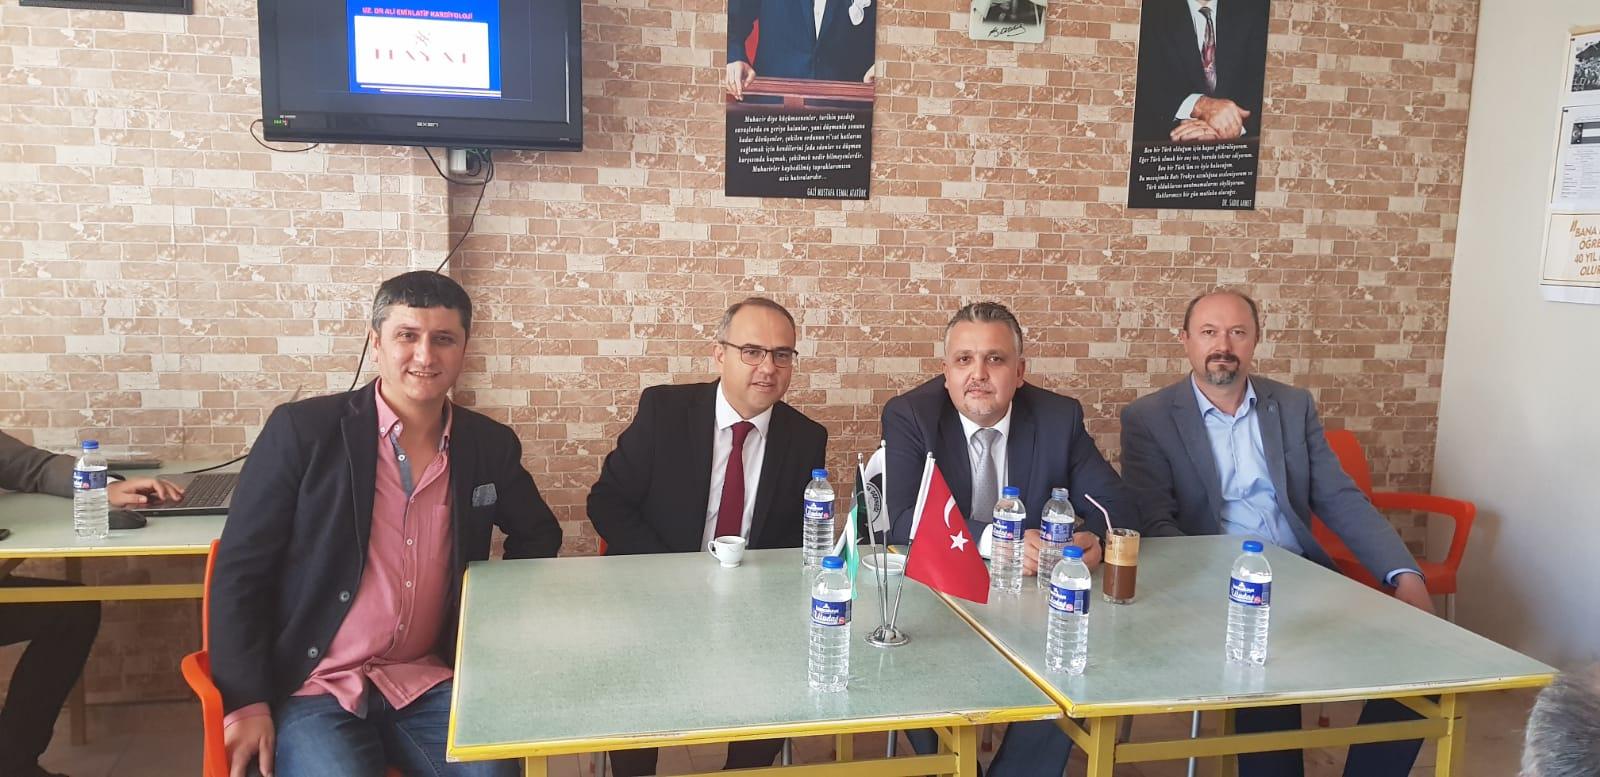 Spor Kulübü Osmangazi Şubesi Sosyal Sorumluluk Projesinde Startını Verdi